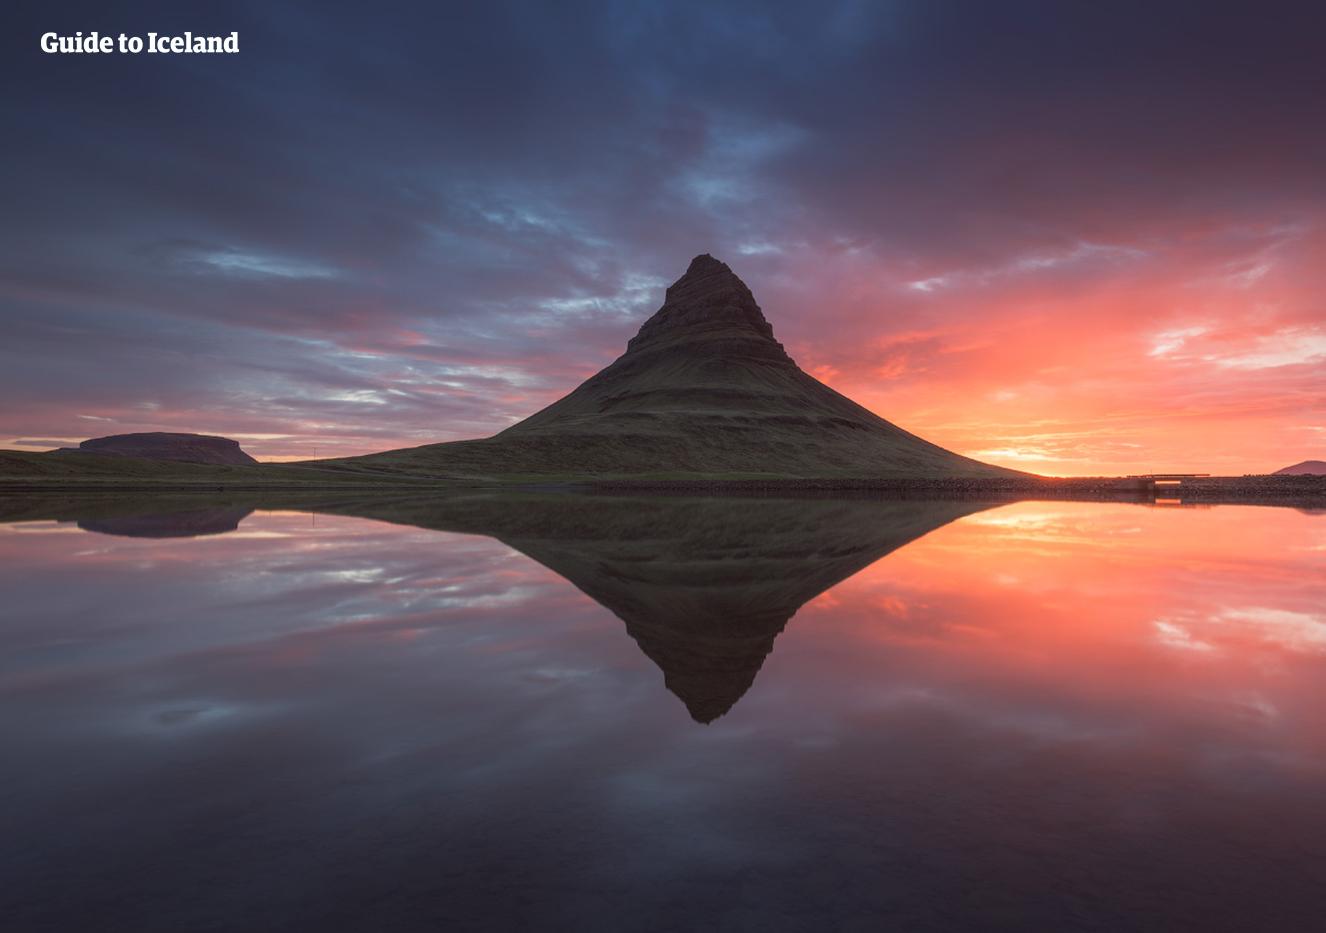 10-дневный тур | Путешествие по кольцевой дороге Исландии и Рейкьявик - day 9